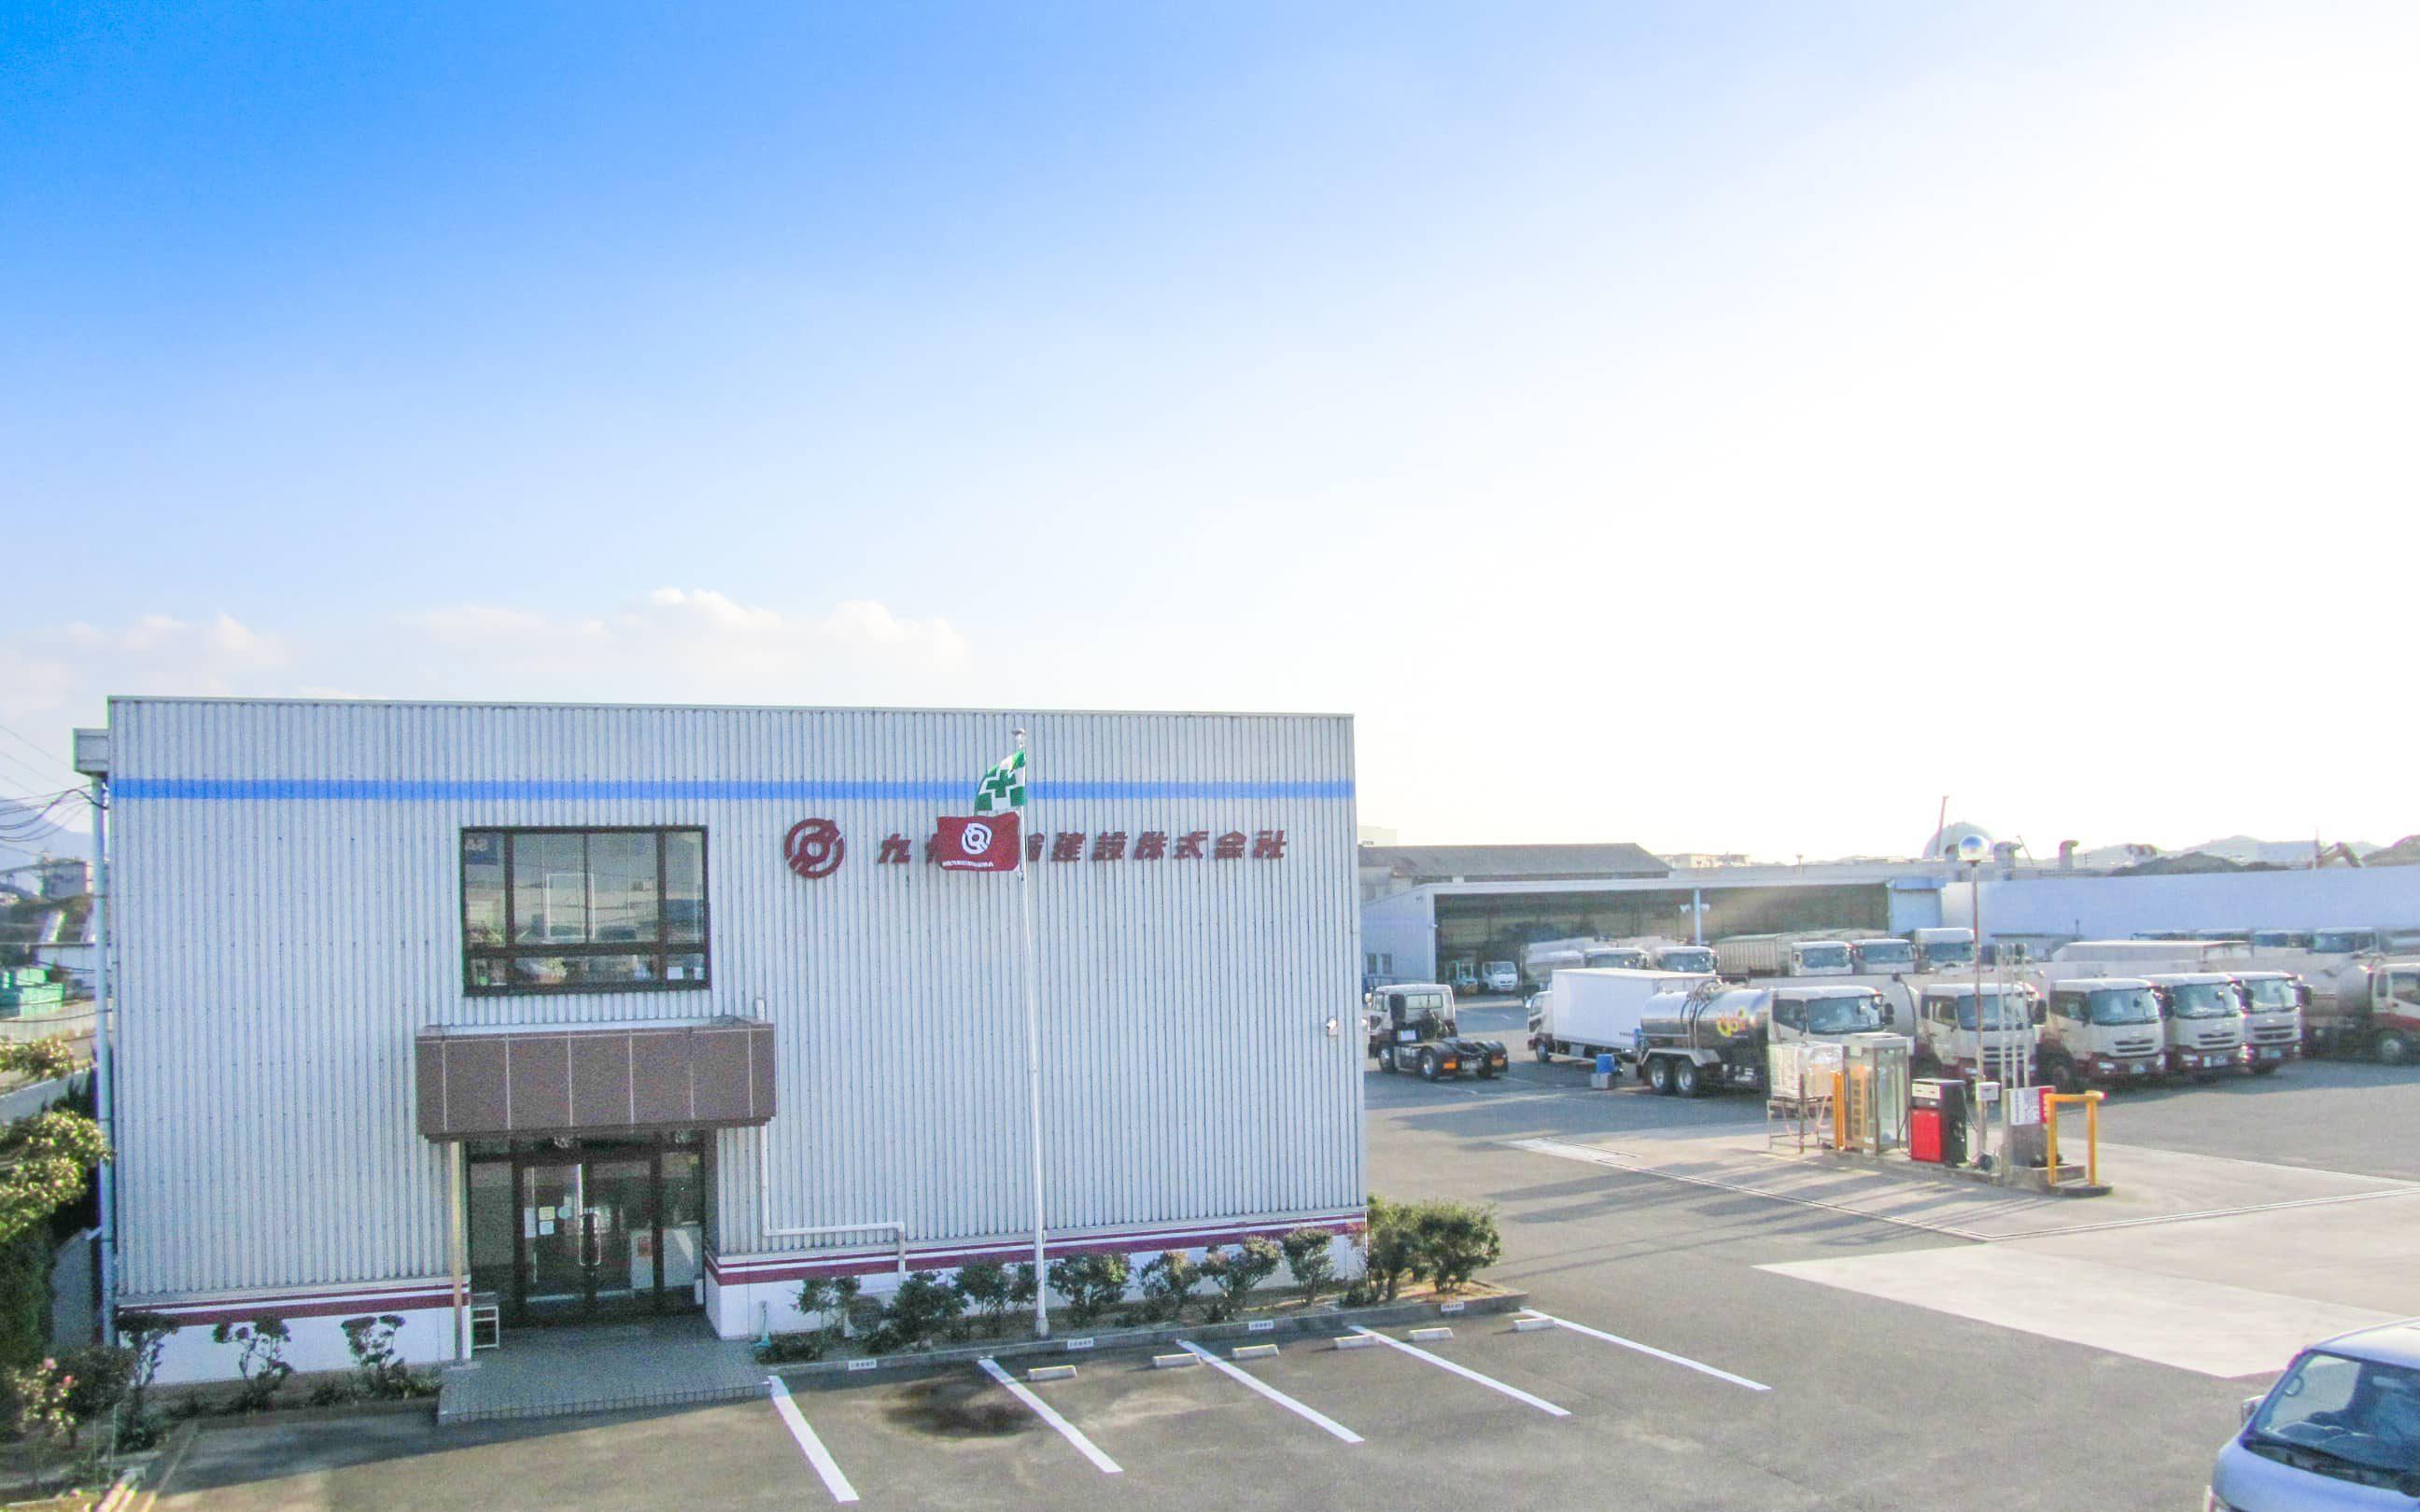 一般・産業廃棄物の運搬車の画像|九州運輸建設株式会社|北九州市